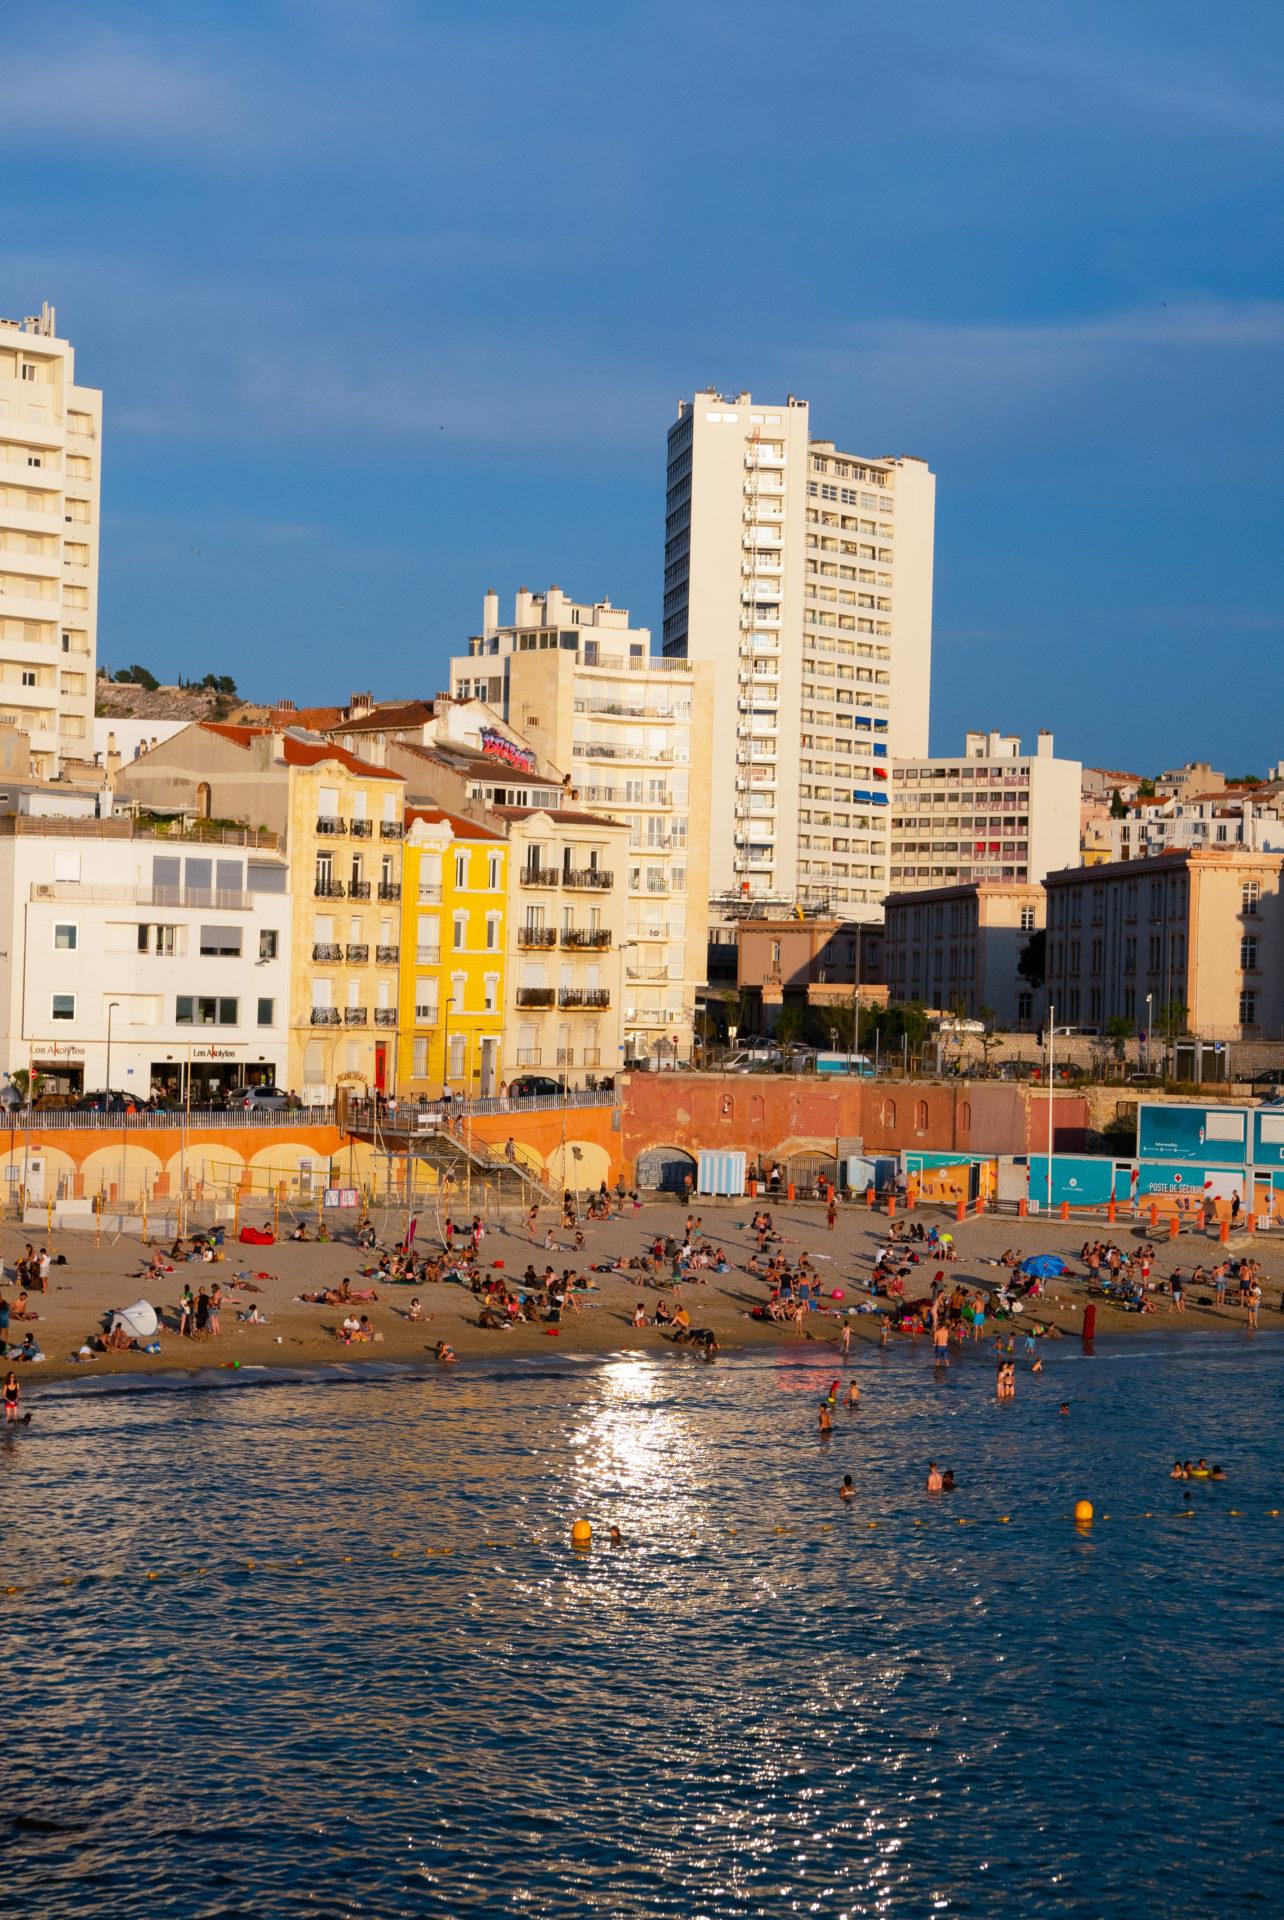 Vue de la plage des catalans